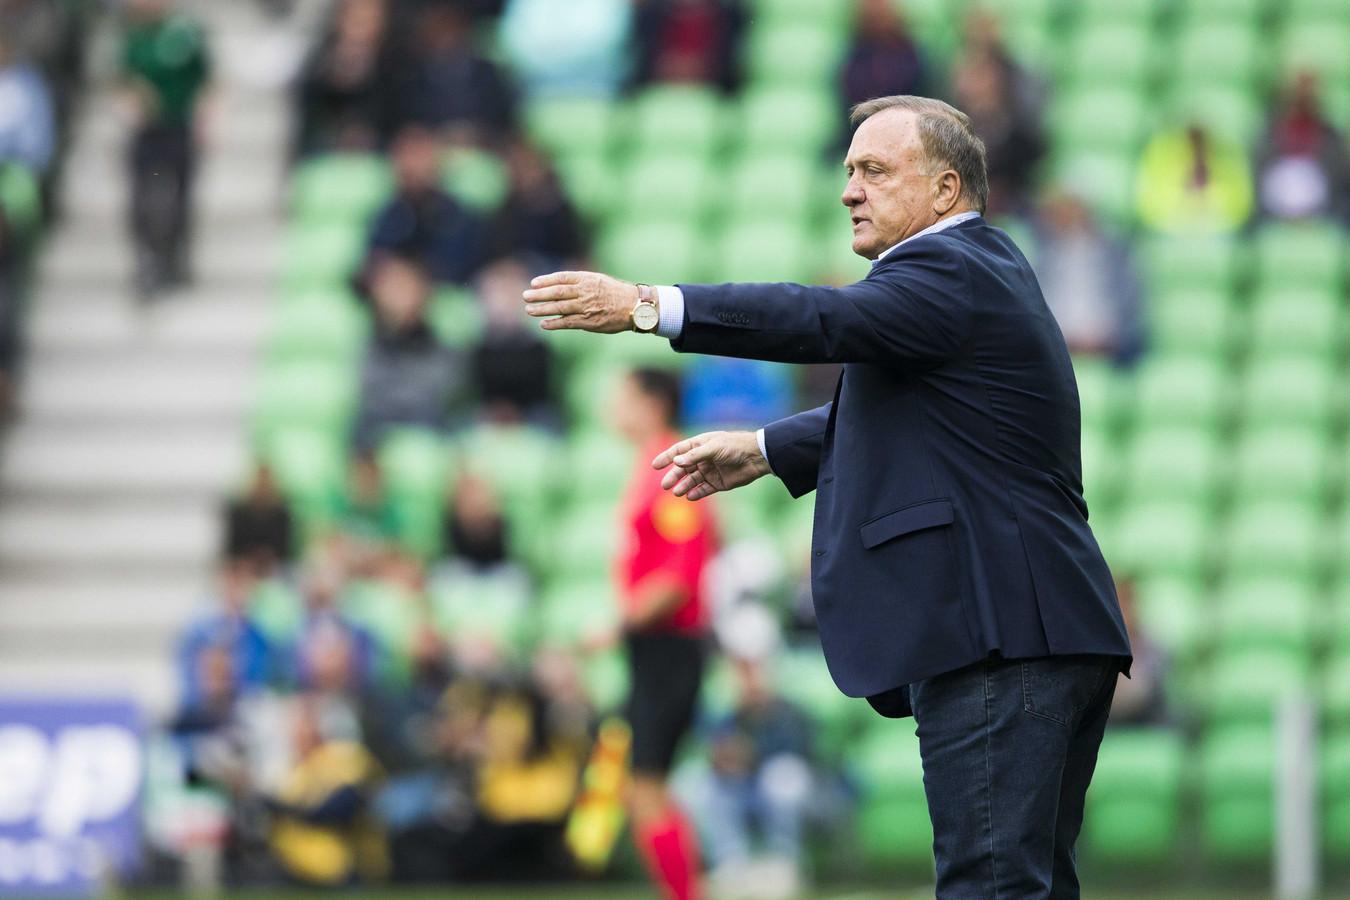 Dick Advocaat coacht tegen FC Groningen, waar hij met FC Utrecht een punt pakte (1-1).